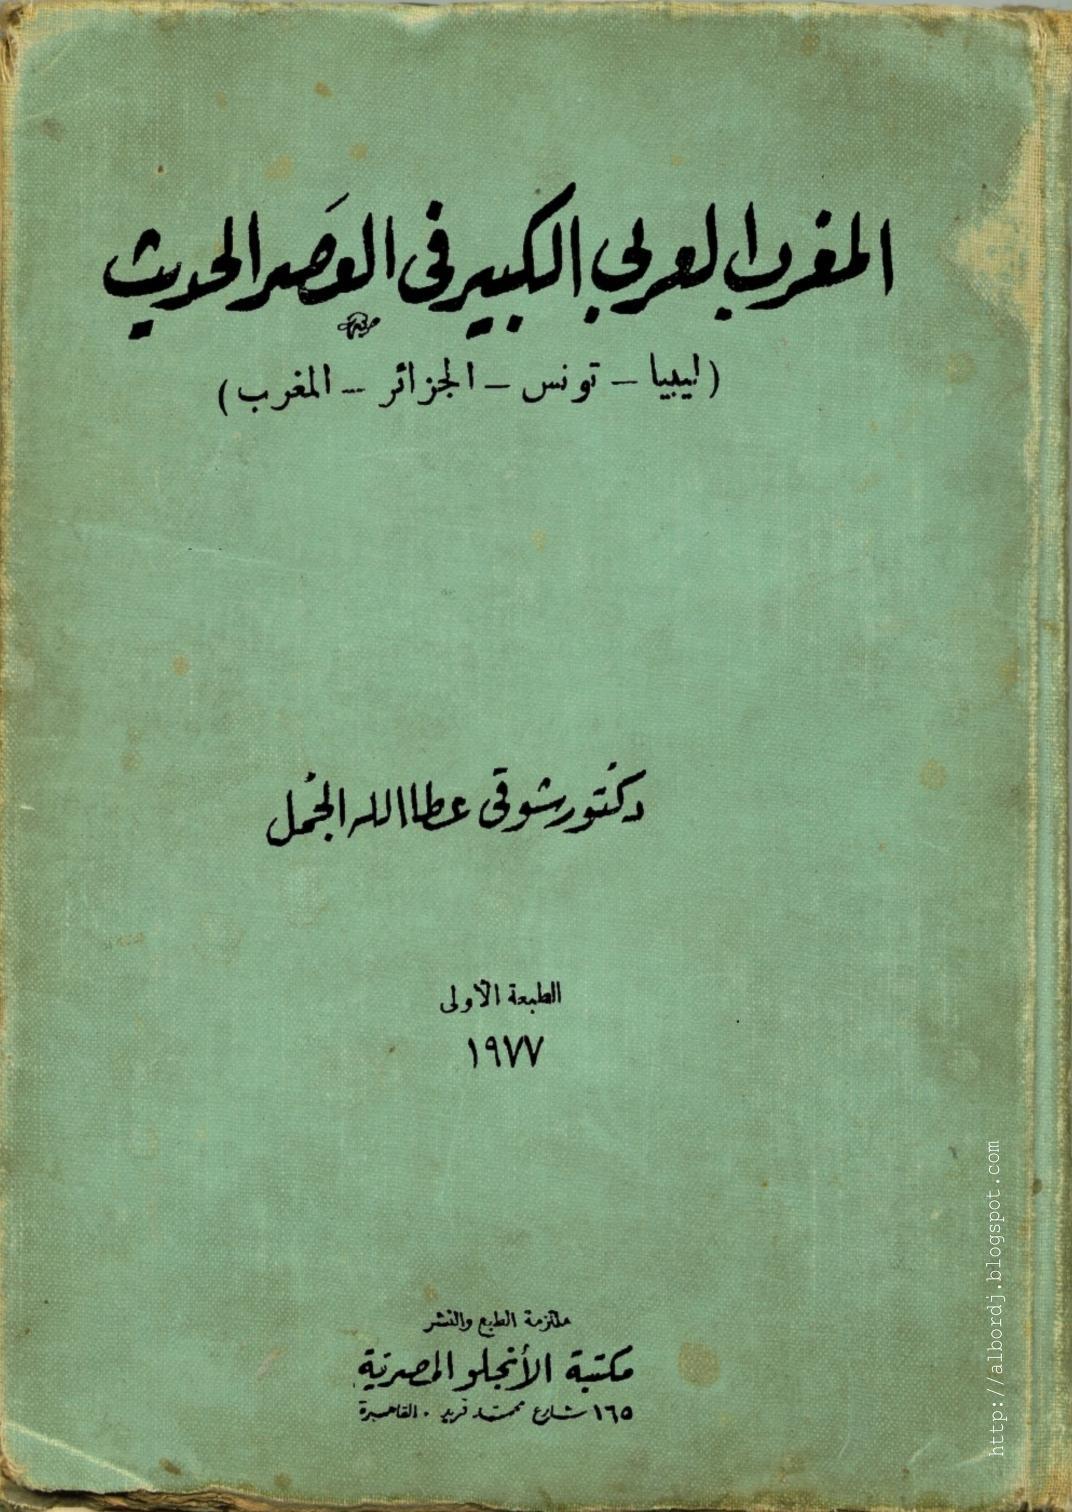 تحميل كتاب تاريخ افريقيا الحديث والمعاصر شوقي الجمل pdf